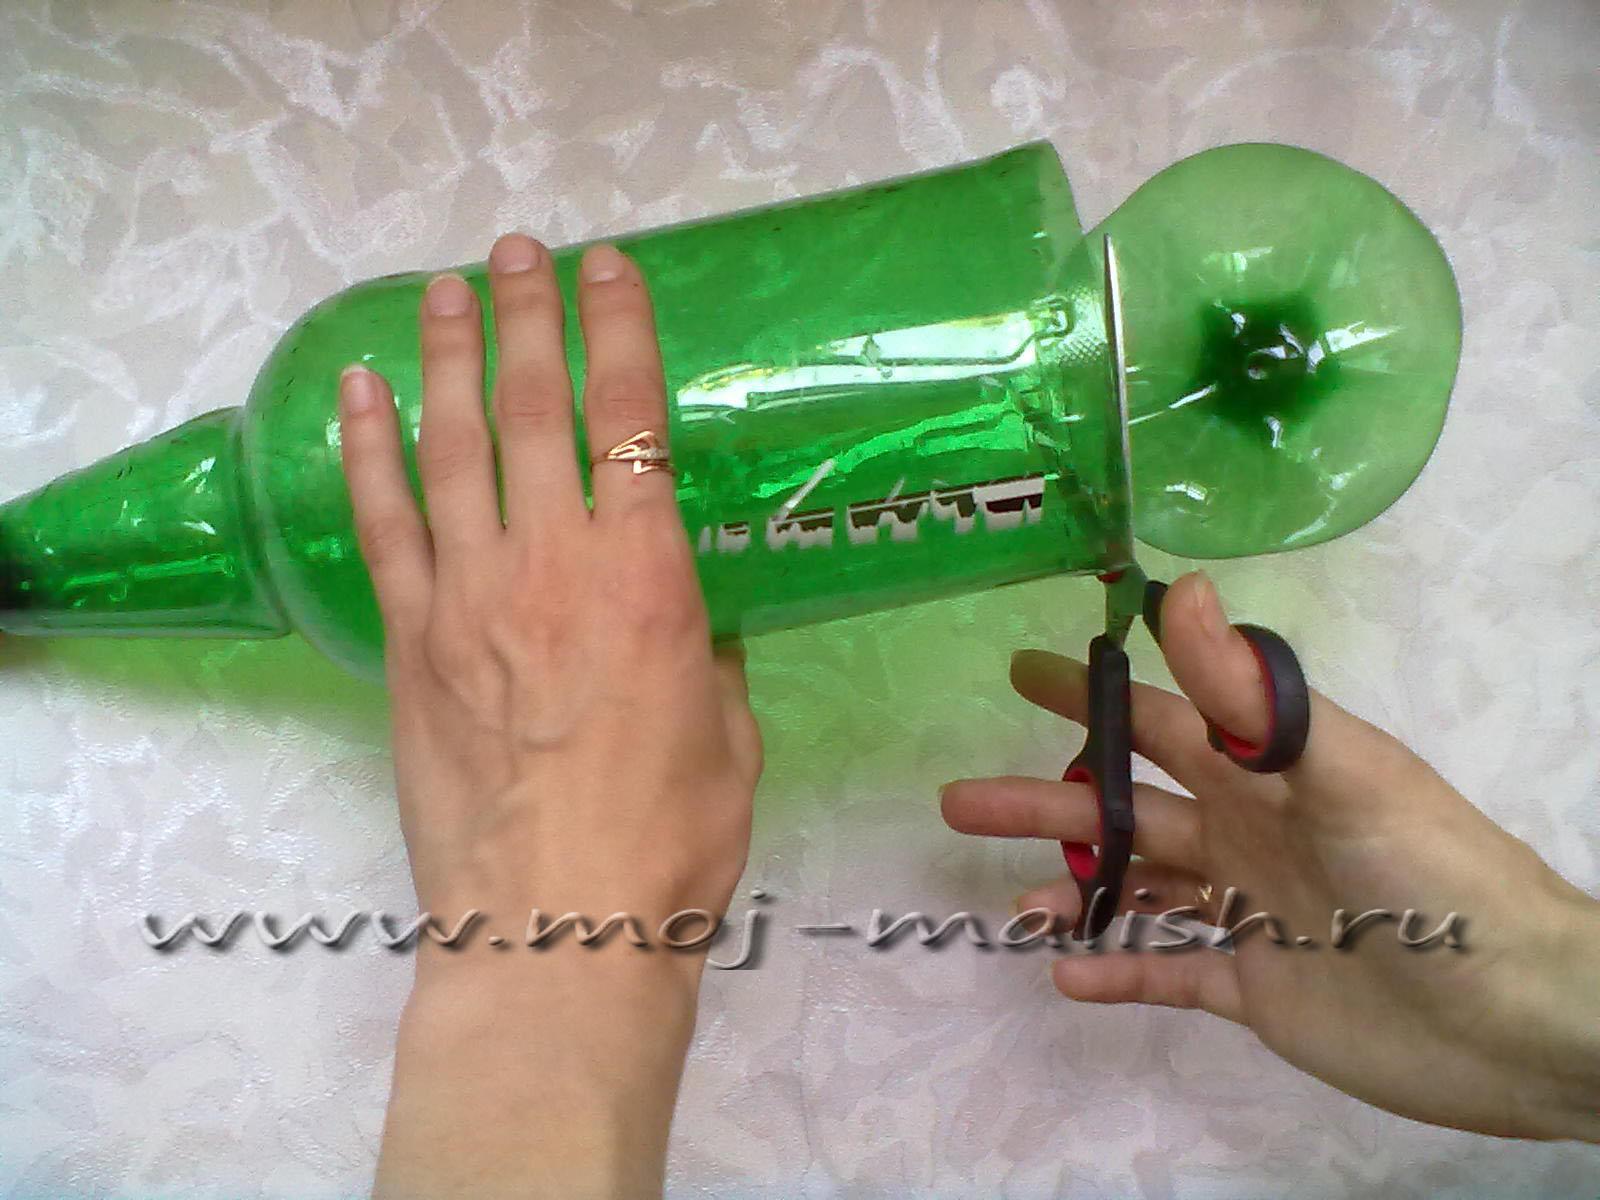 Кактус из пластиковых бутылок своими руками пошагово для начинающих